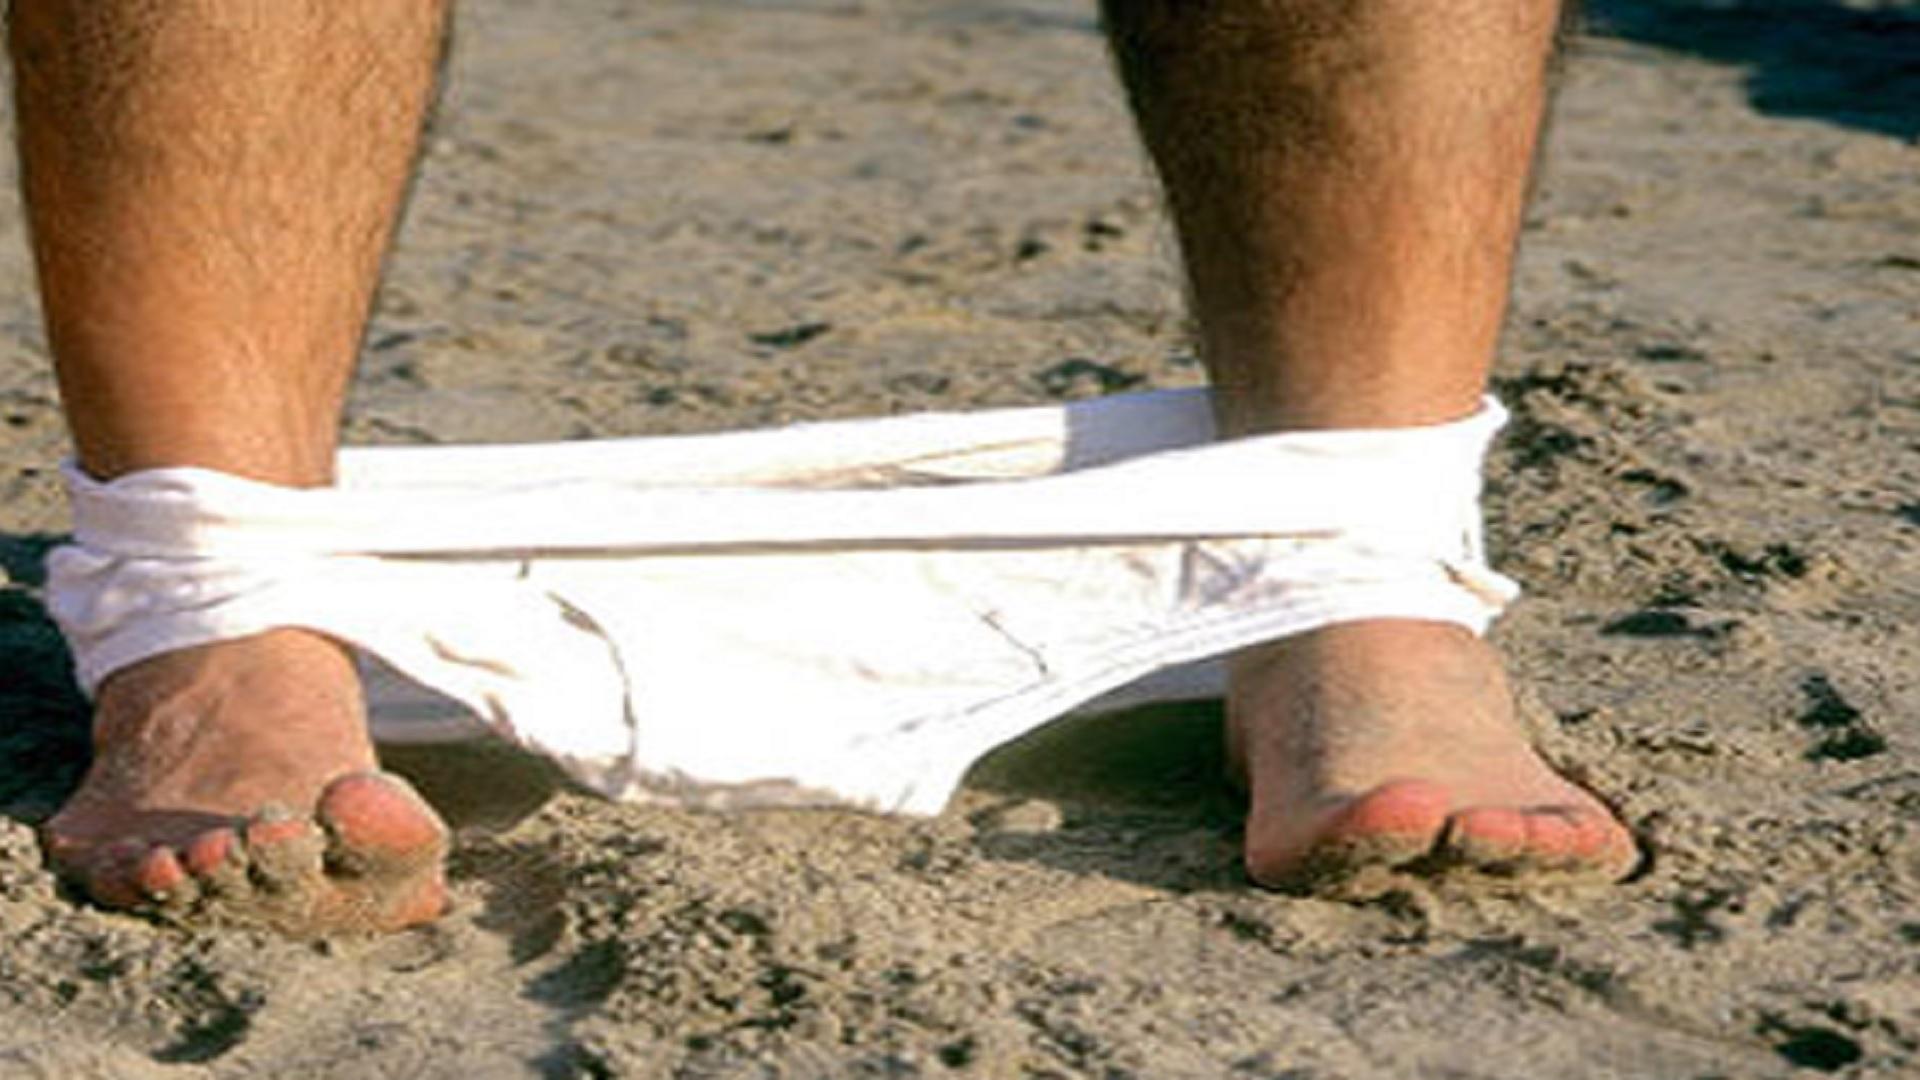 Matrimonio Spiaggia Uomo : Uomo di anni si masturba in spiaggia davanti ai bambini